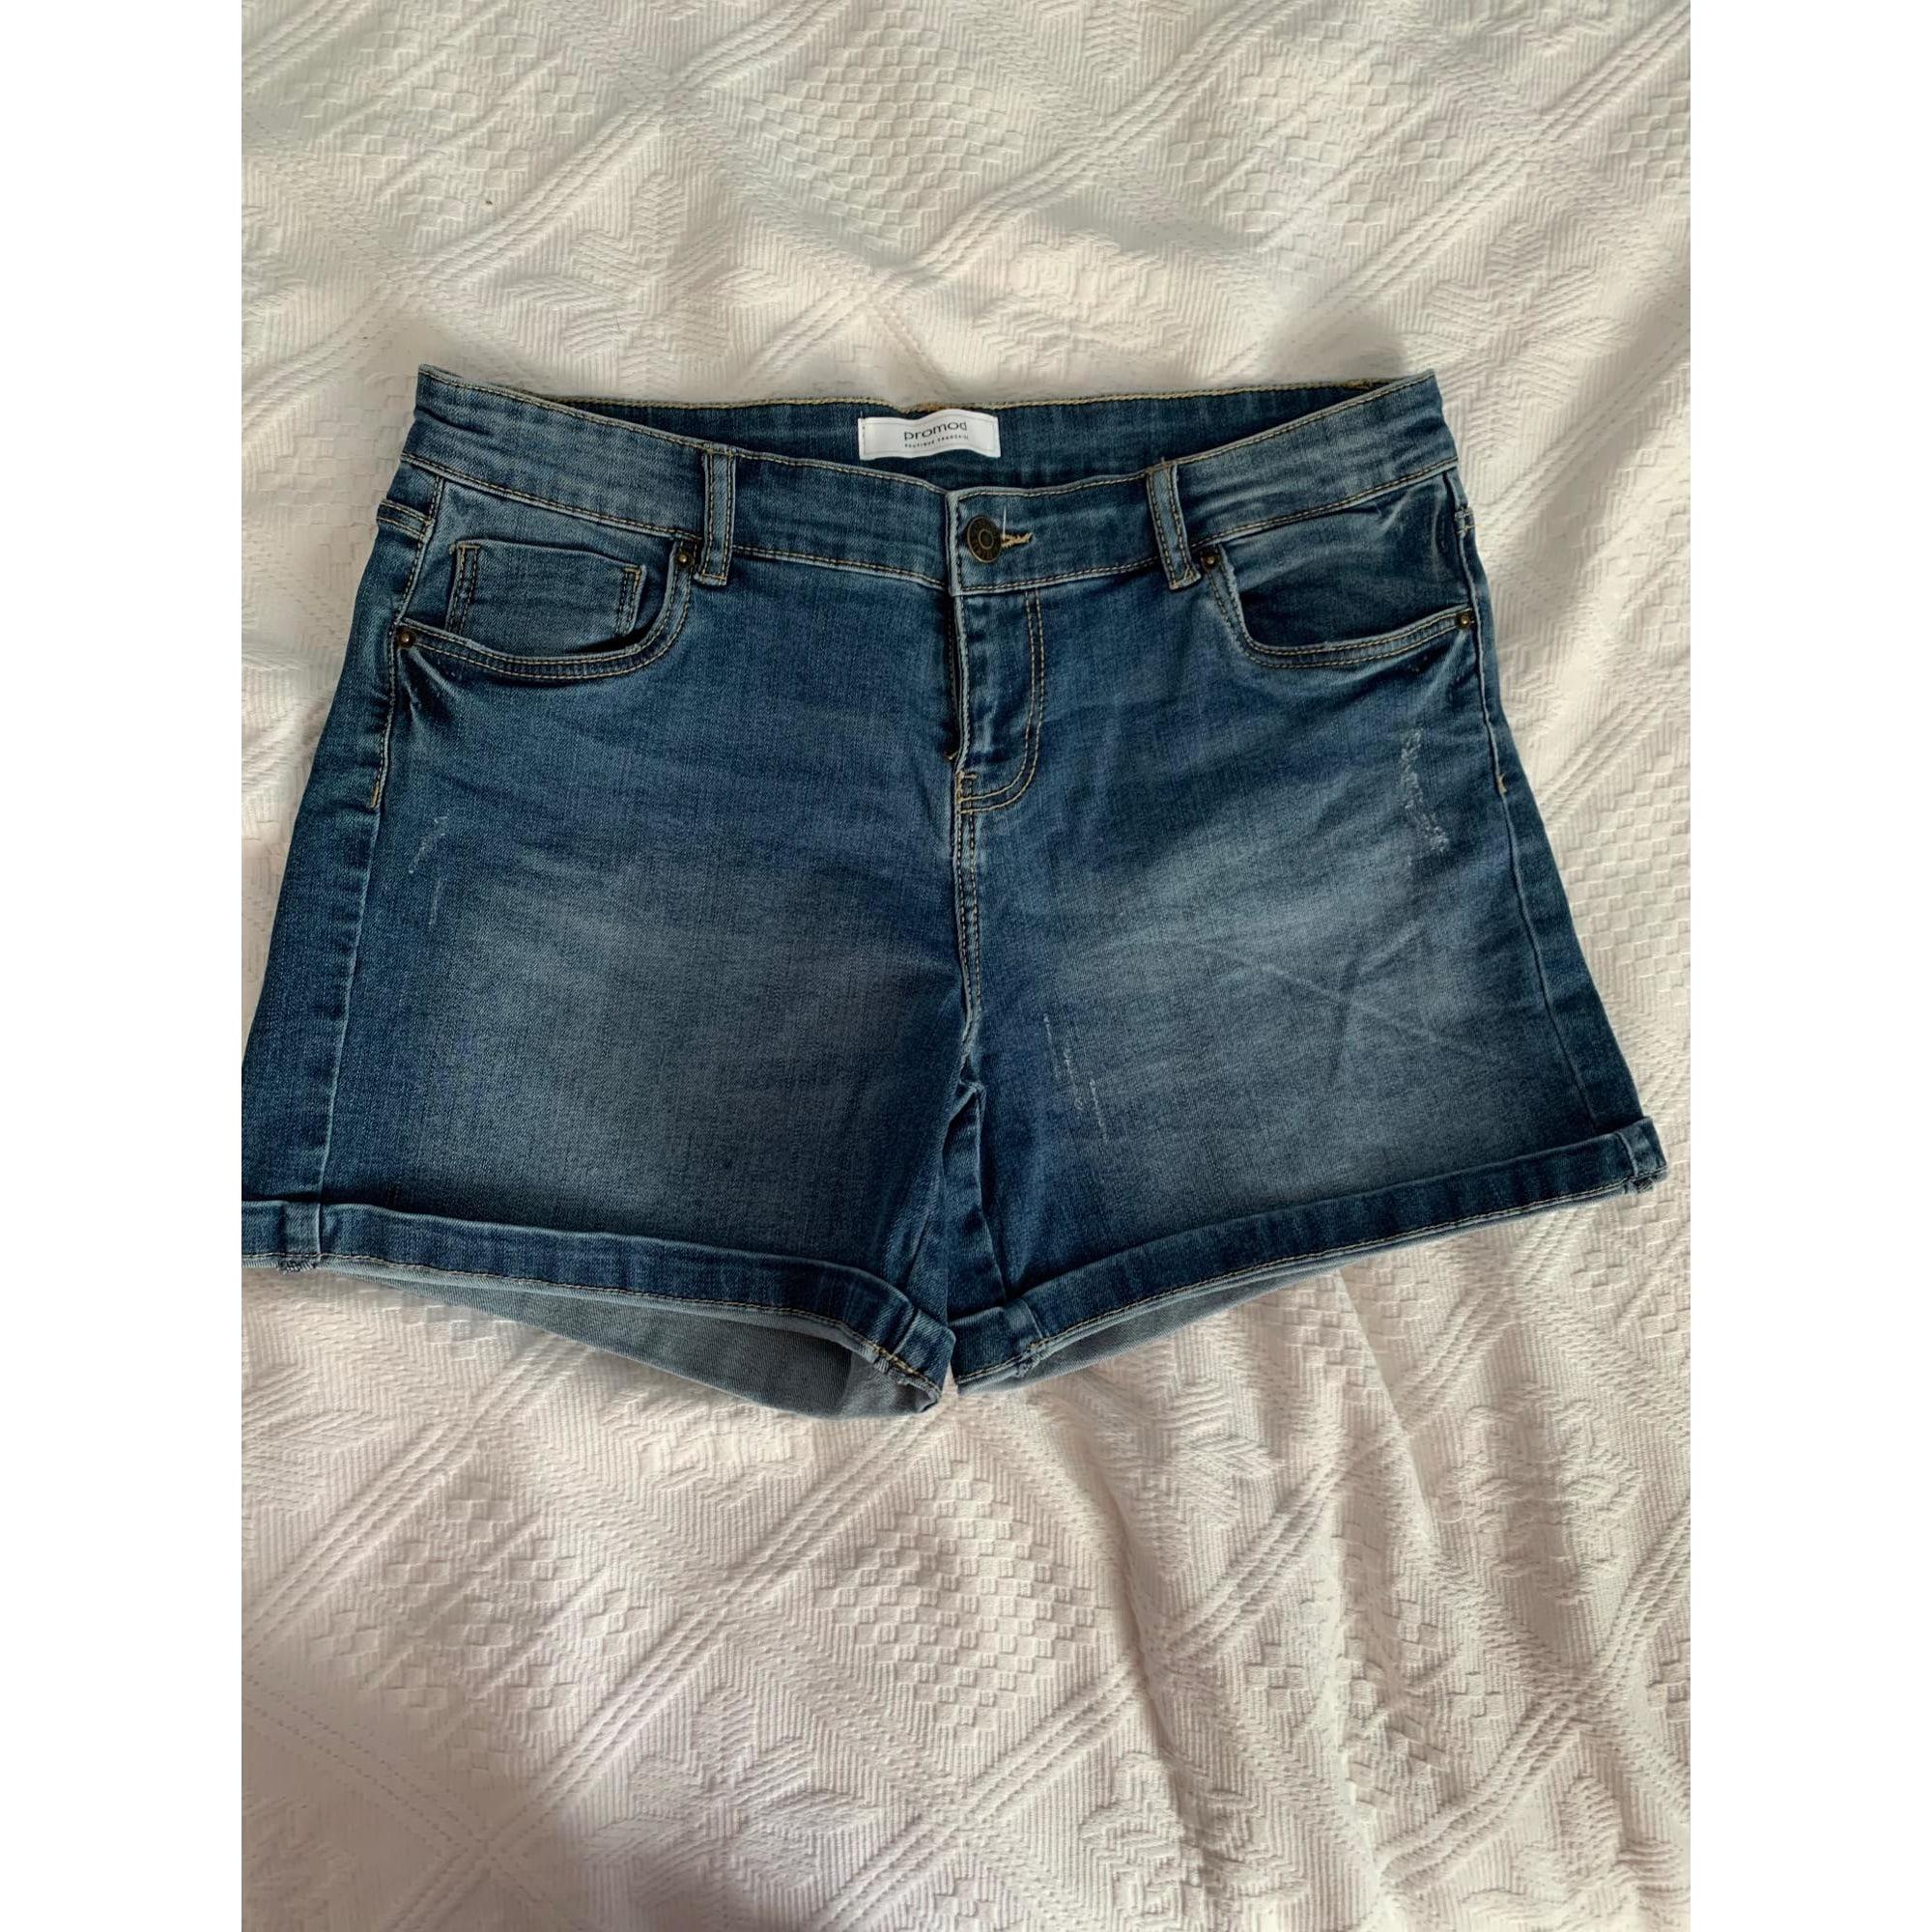 Short en jean CAMAIEU Bleu, bleu marine, bleu turquoise